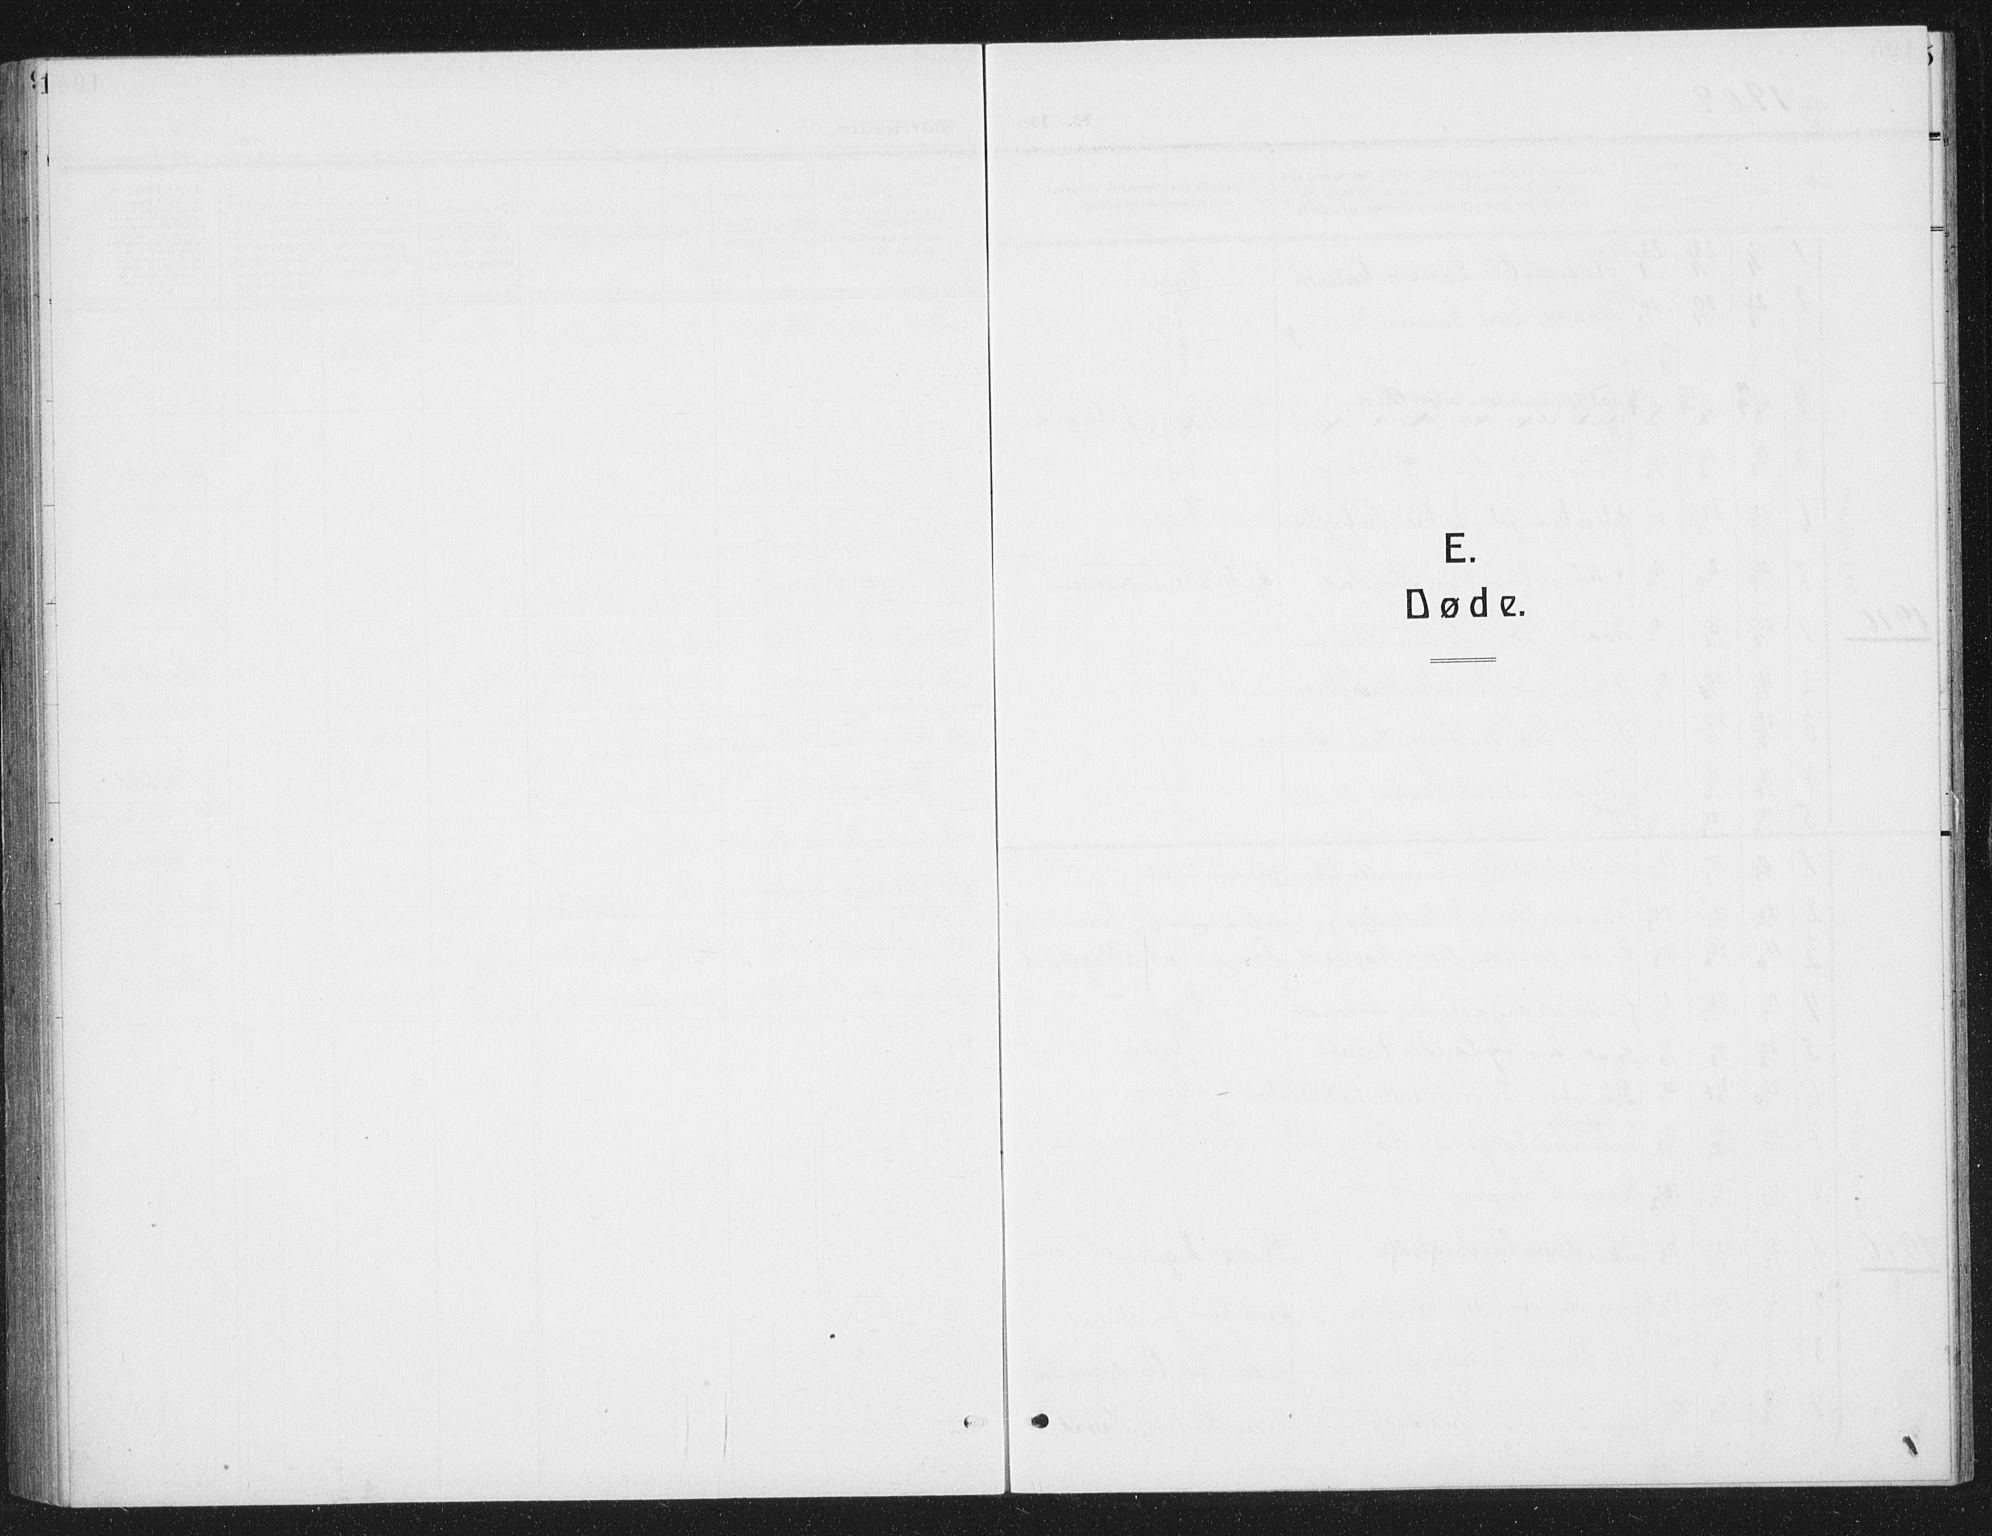 SAT, Ministerialprotokoller, klokkerbøker og fødselsregistre - Sør-Trøndelag, 666/L0791: Klokkerbok nr. 666C04, 1909-1939